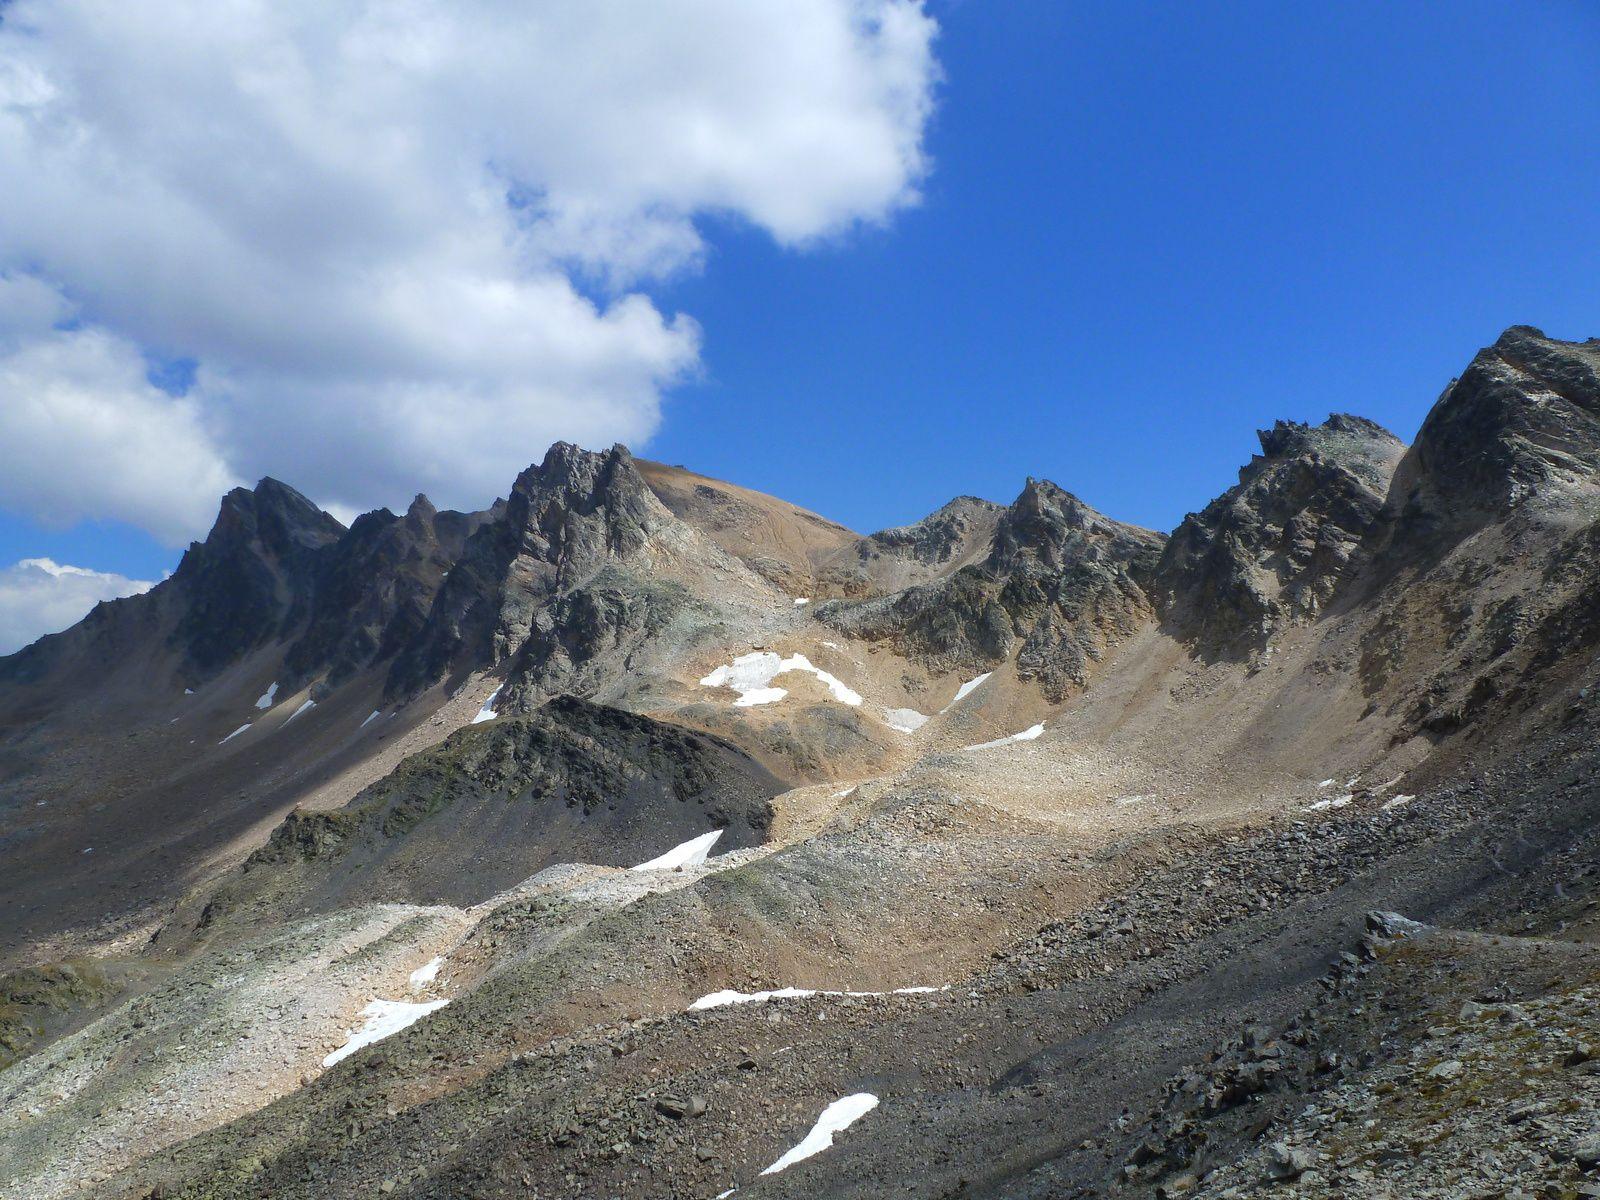 Petit coup d'oeil en arrière (parce que ça le vaut bien). Au fond le Mont Thabor que nous venons de quitter.